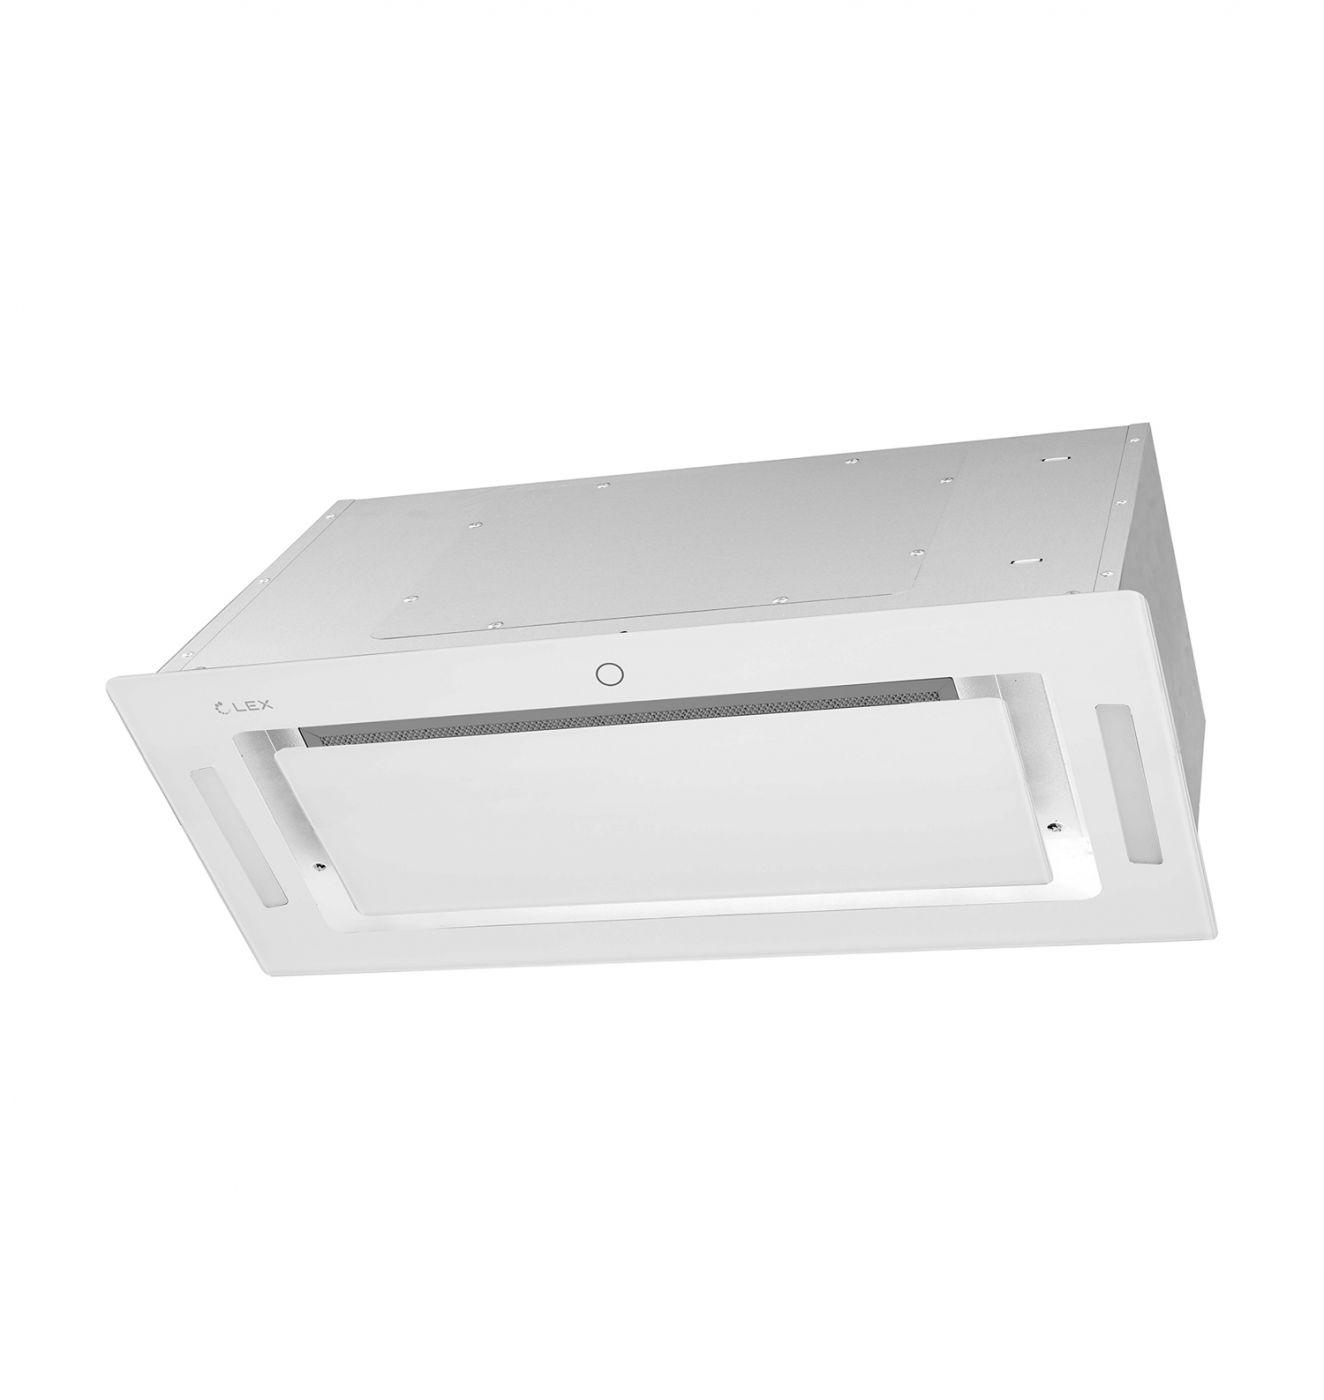 Встраиваемая вытяжка LEX GS BLOC Gs 900 white CHTI000364